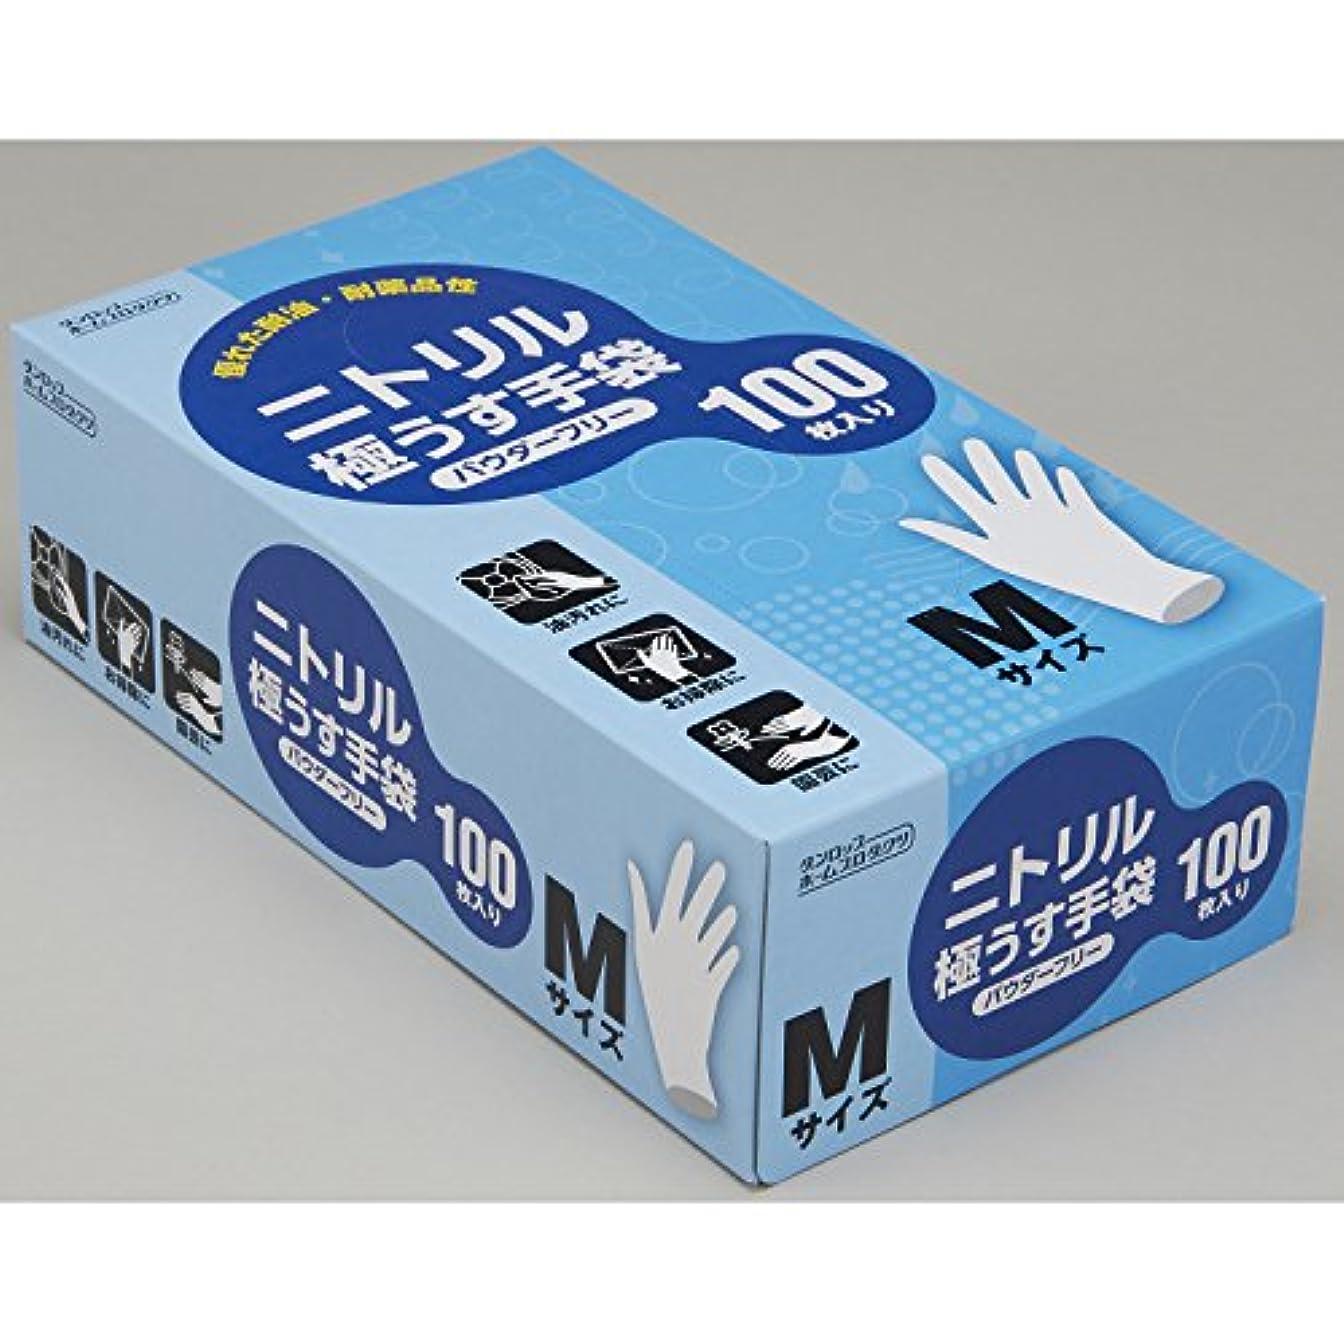 カナダレッスン少しダンロップ ホームプロダクツ ゴム手袋 使い捨て ニトリル 極薄 パウダーフリー ホワイト M 調理 掃除 洗濯 介護 食堂 100枚入